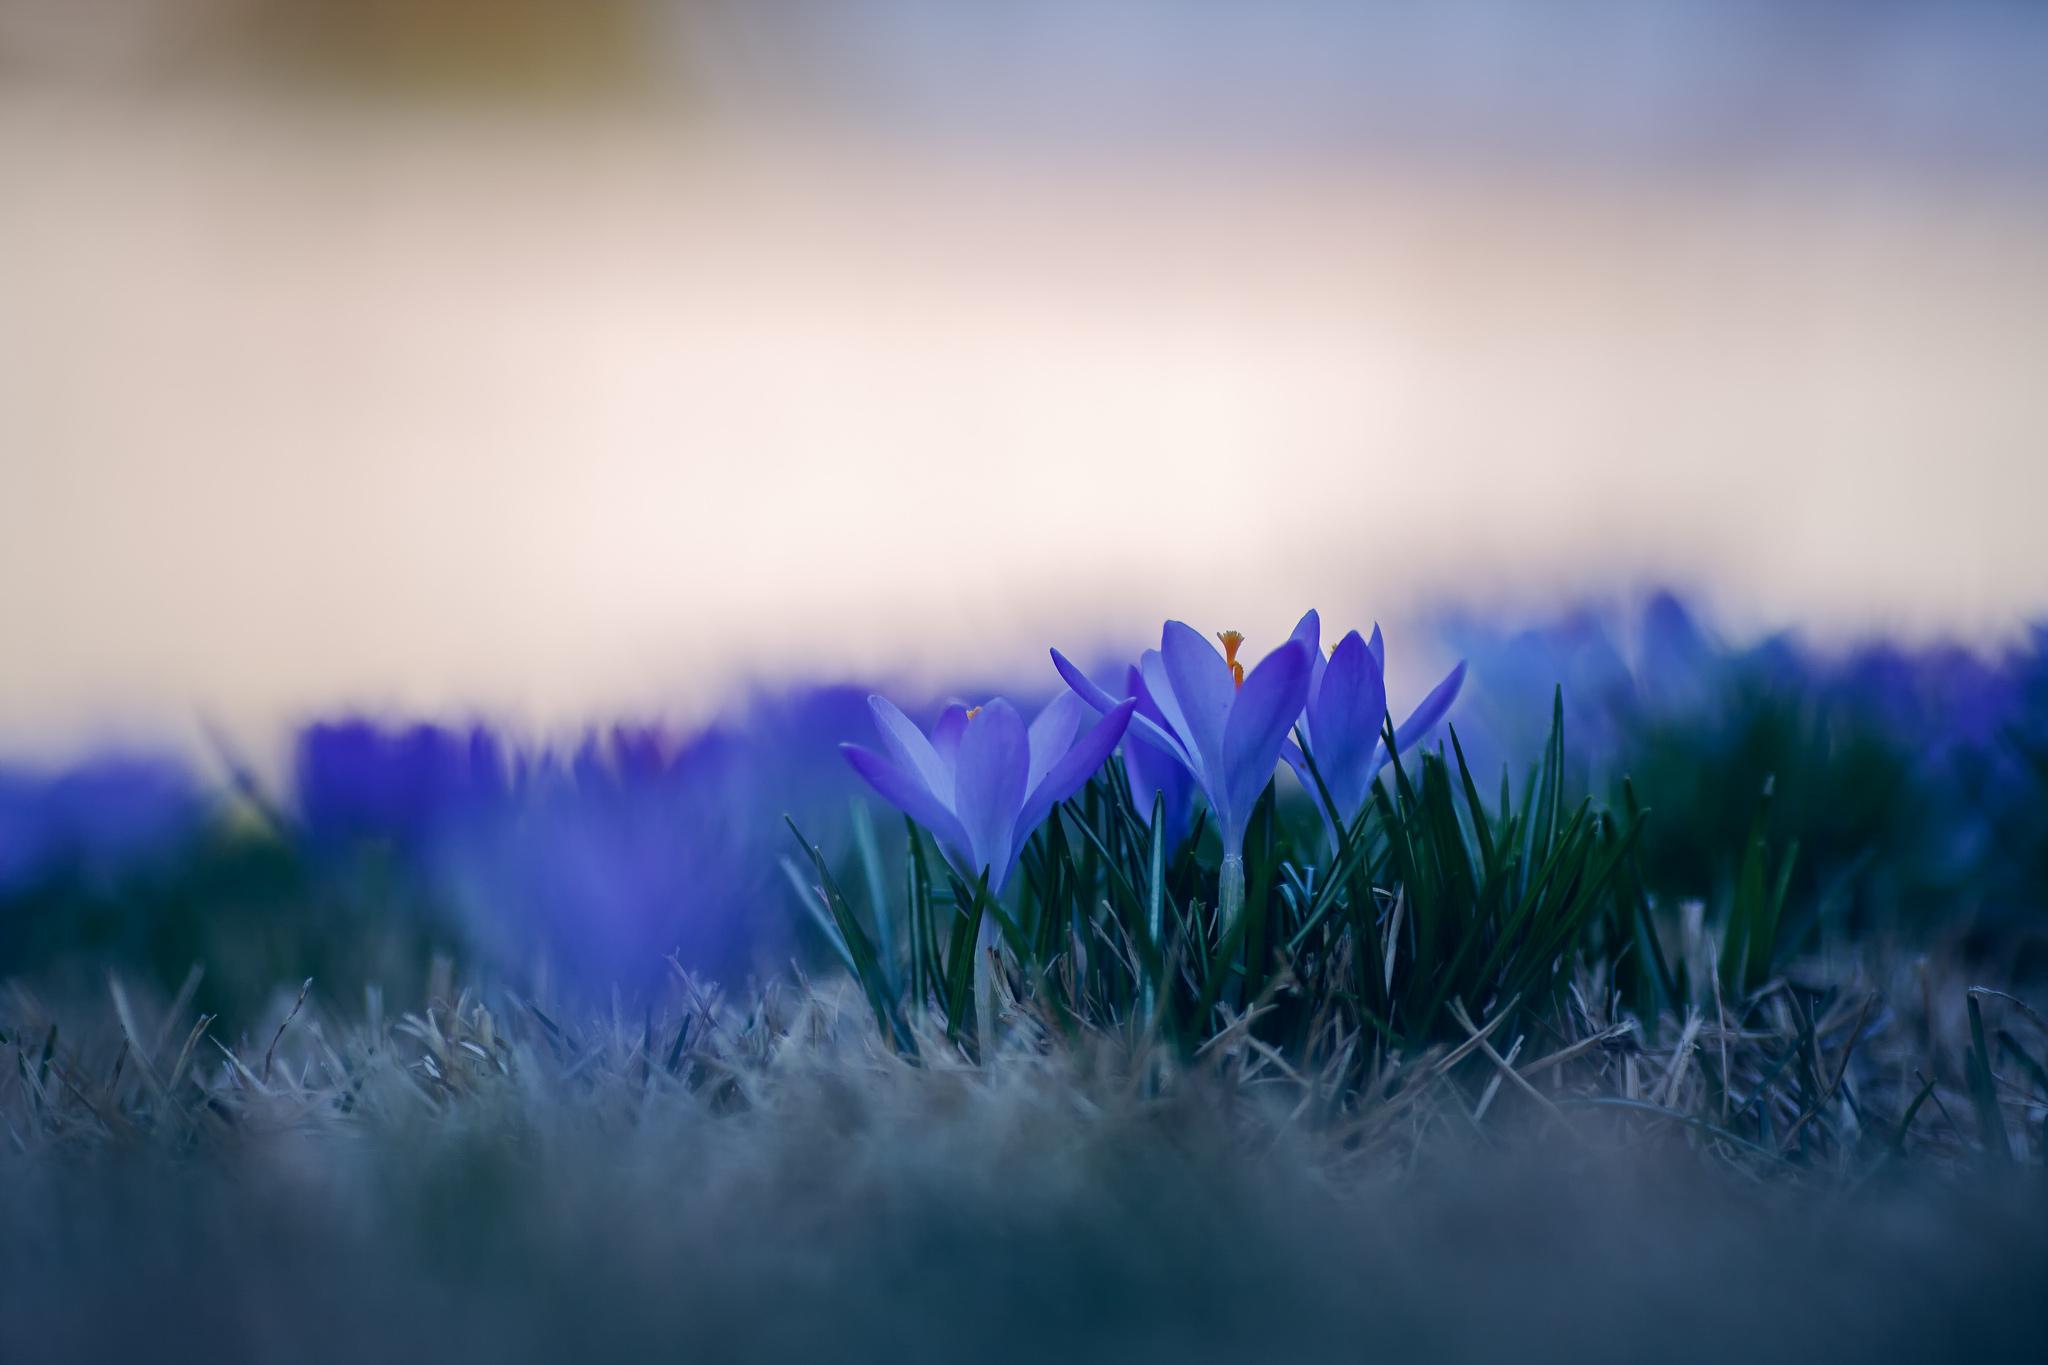 природа синие цветы nature blue flowers  № 1376536 бесплатно